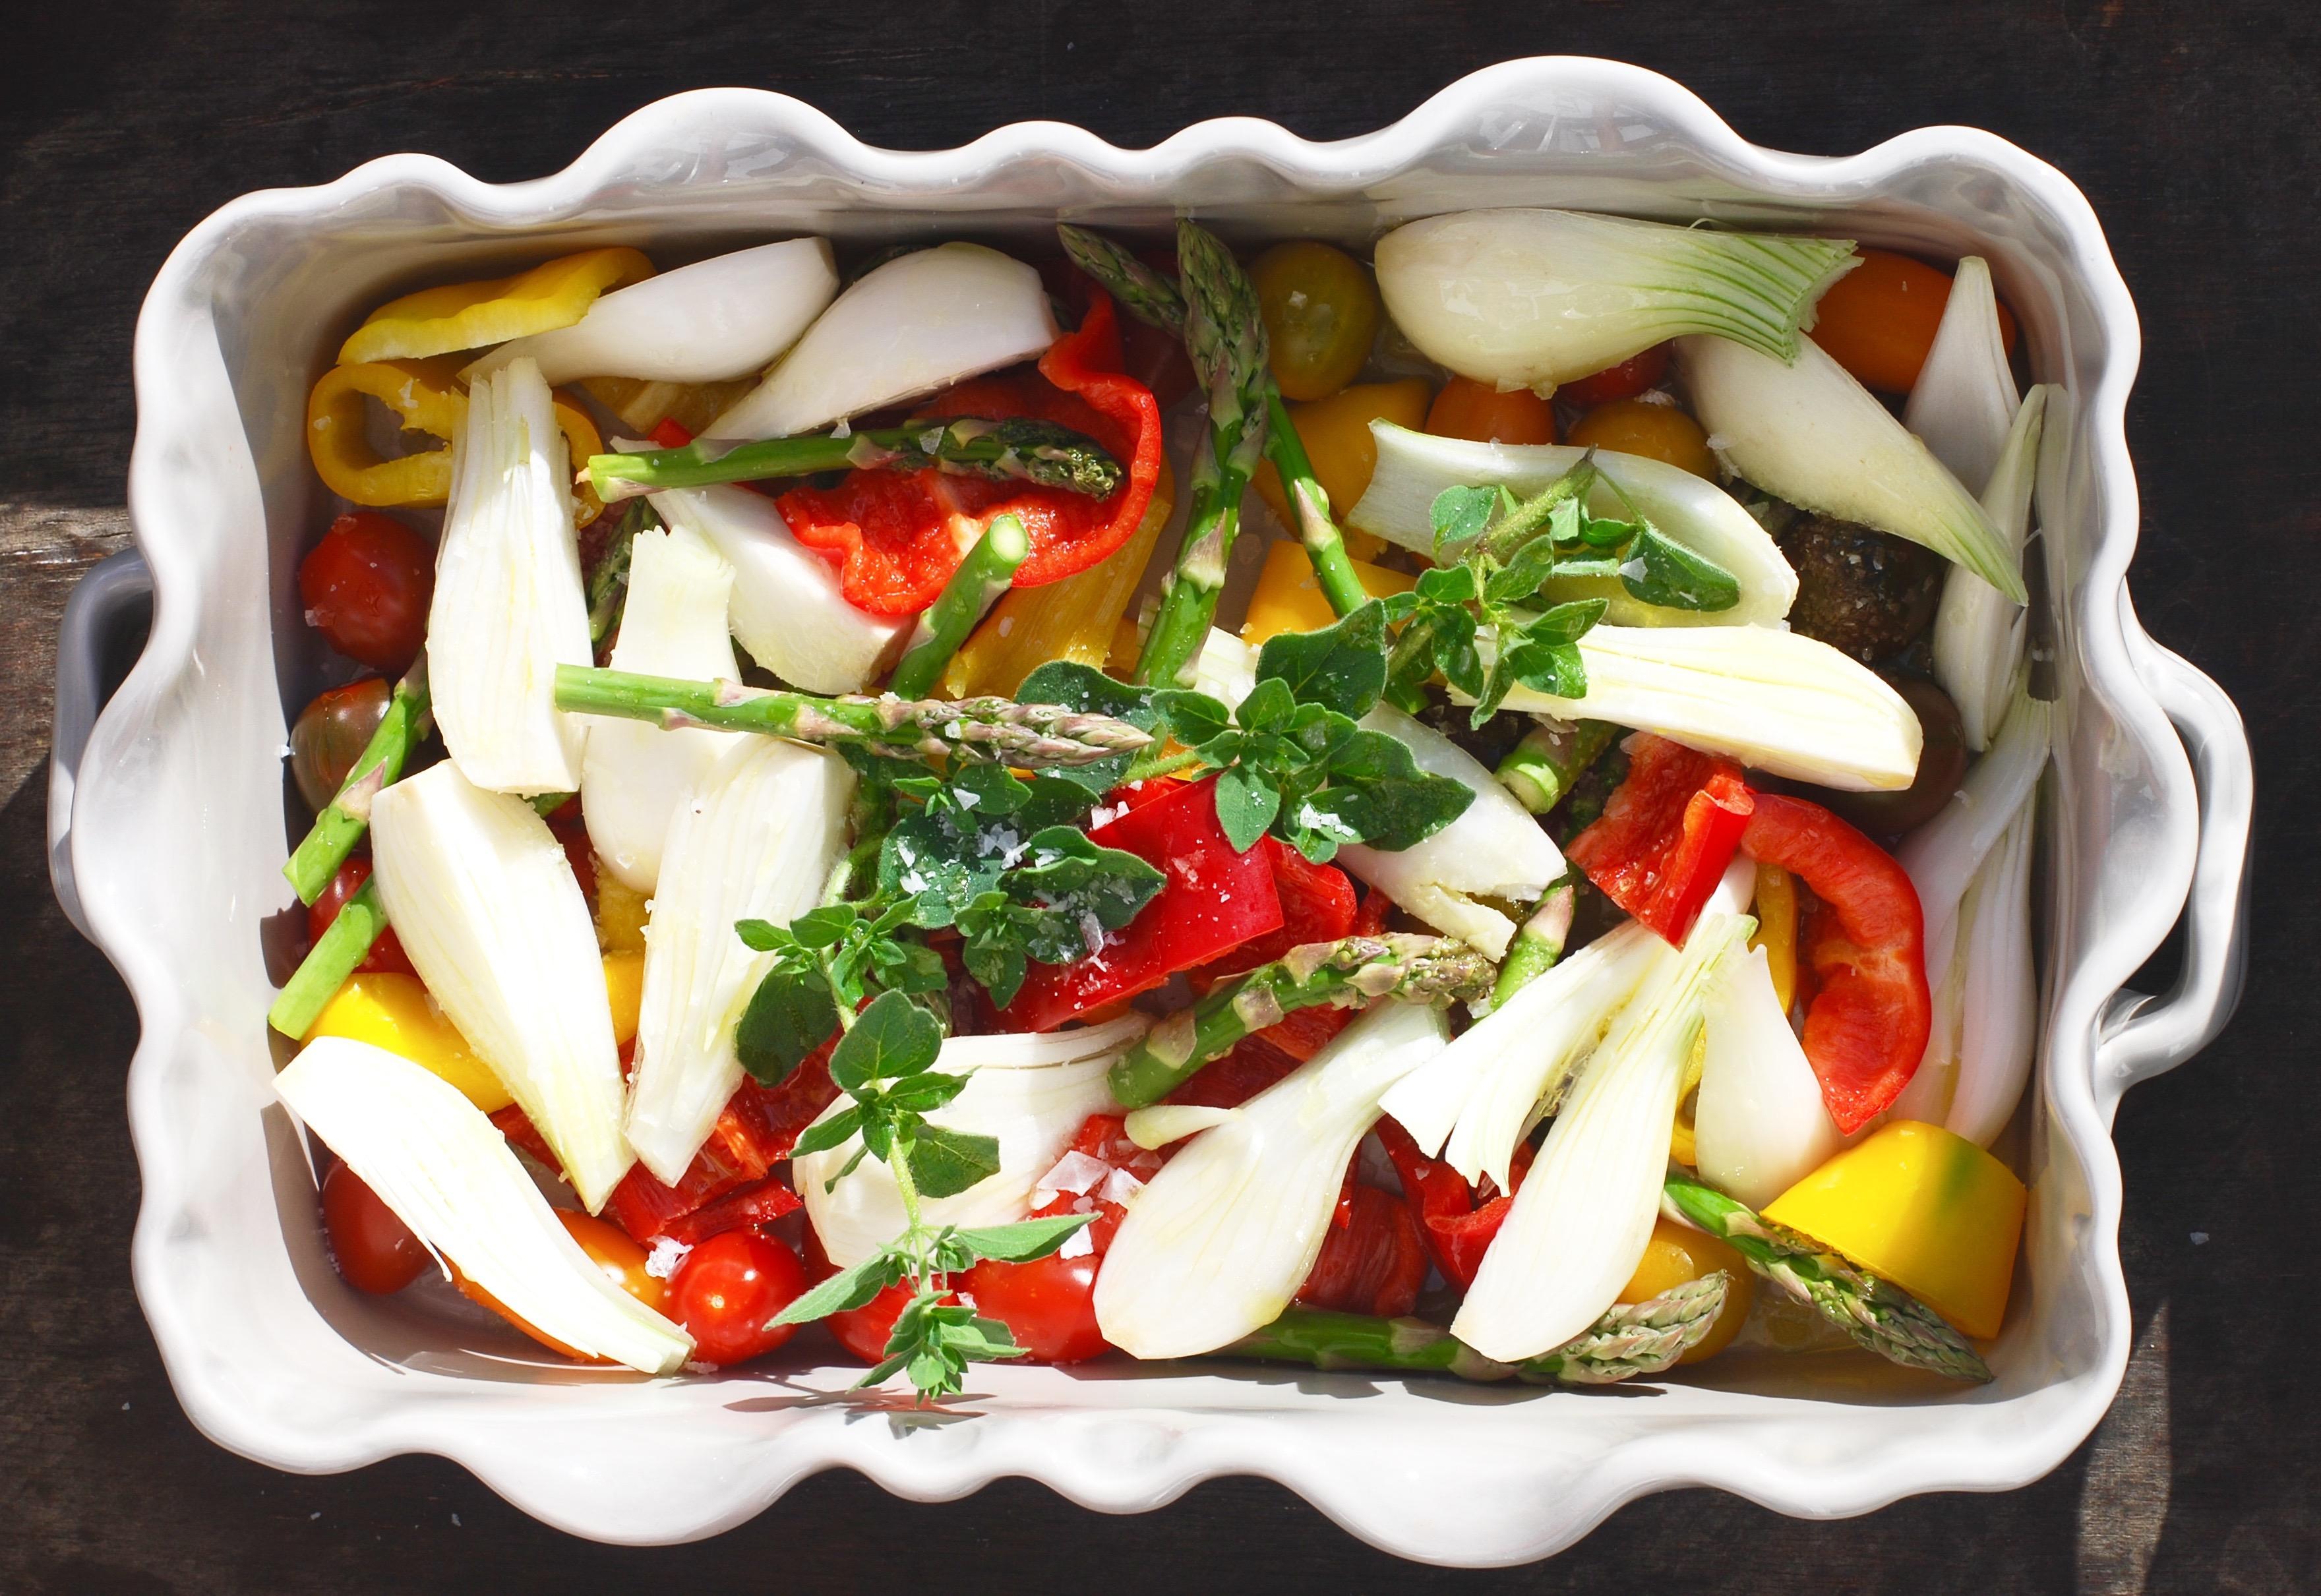 Grillade grönsaker – bästa tillbehöret till allt grillat i sommar!